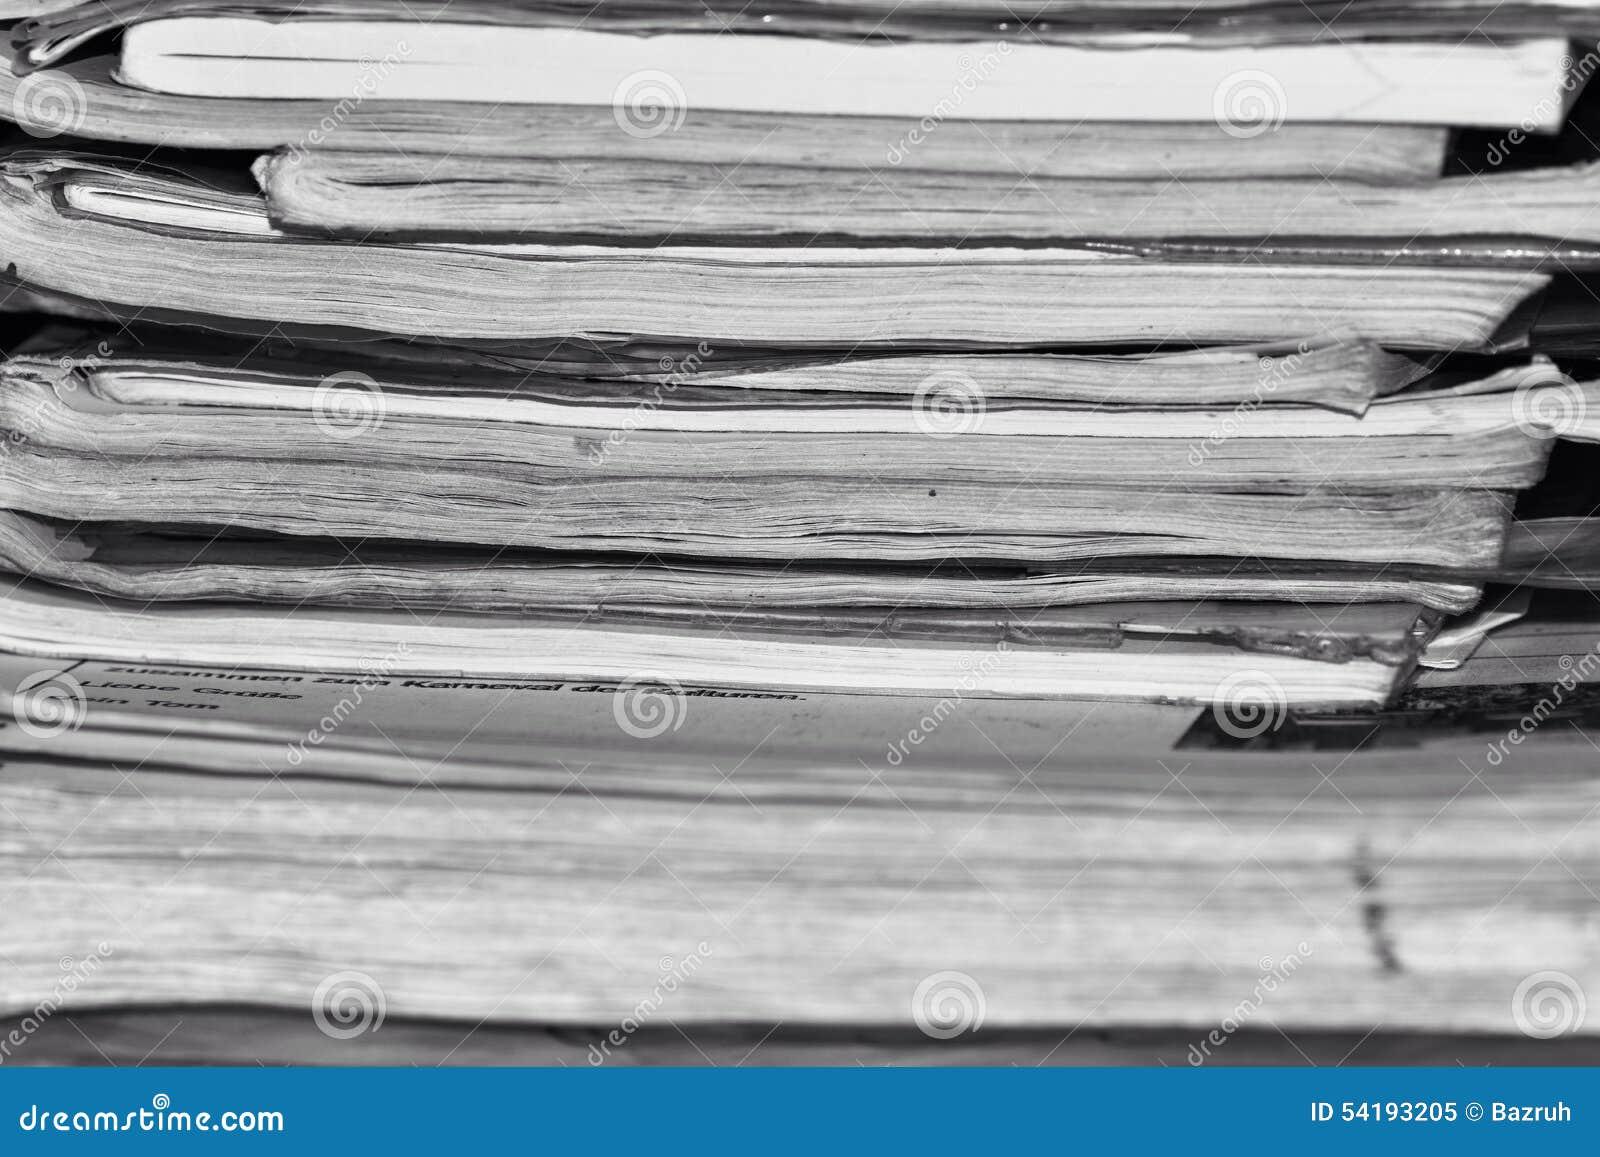 堆老笔记本,黑白照片